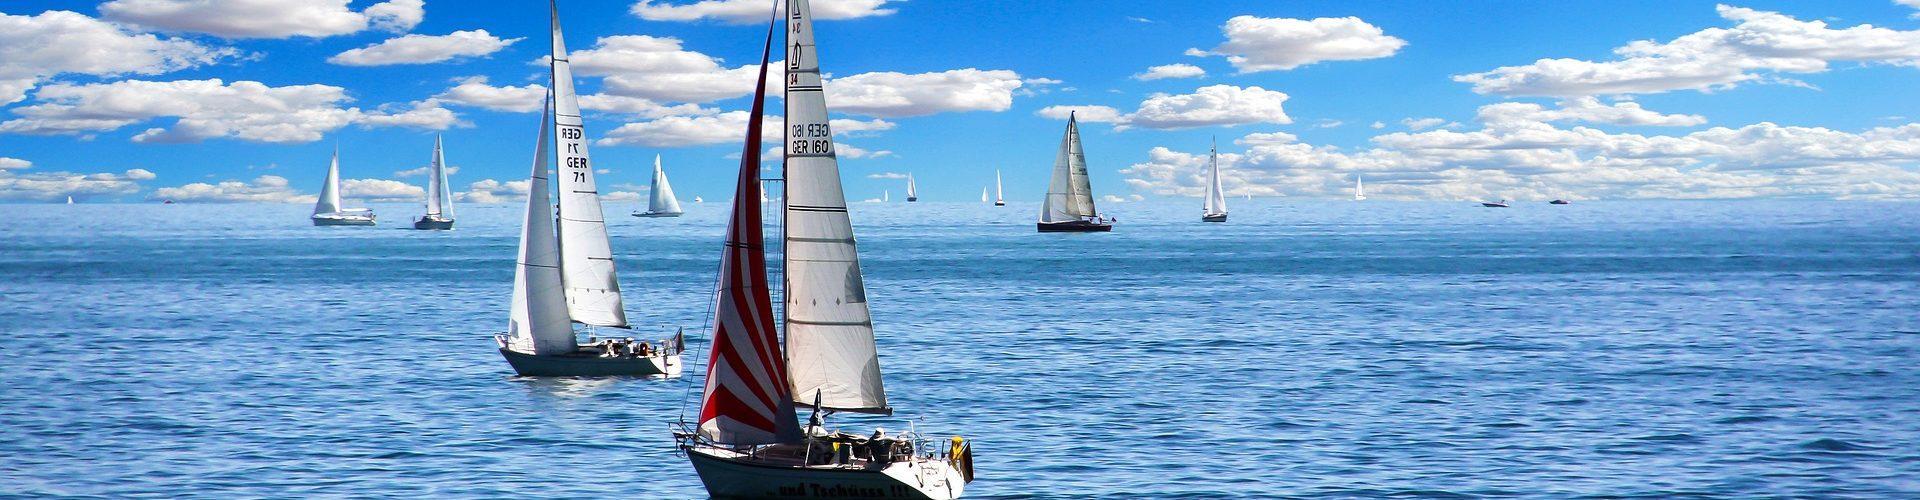 segeln lernen in Heusenstamm segelschein machen in Heusenstamm 1920x500 - Segeln lernen in Heusenstamm